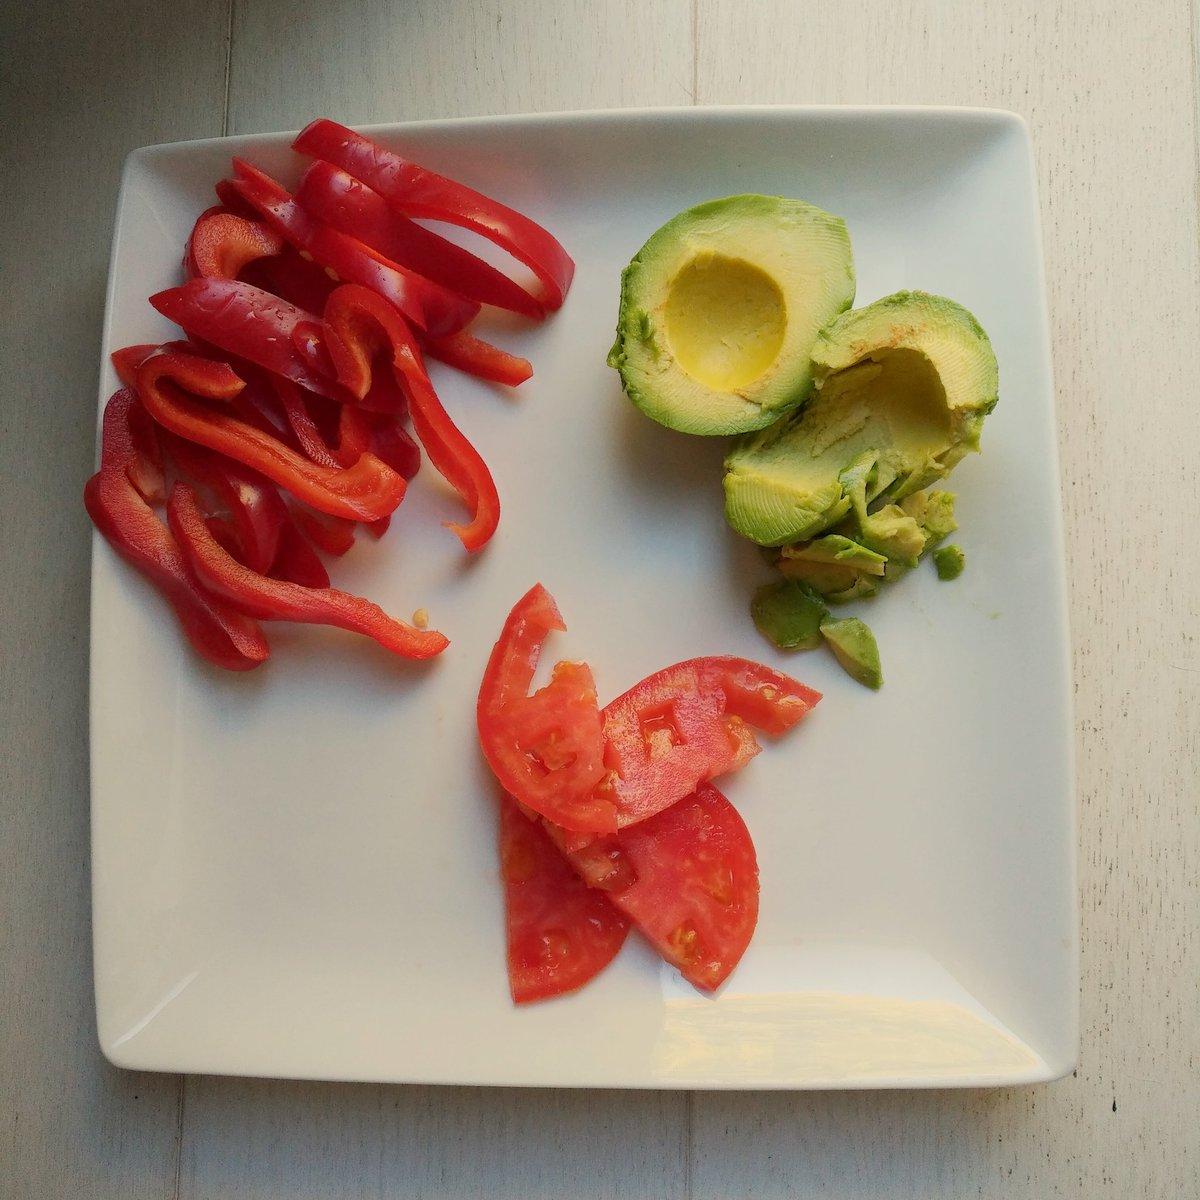 #fresh #redpepper #avocado #tomato (toppings for #organicshrimp #taco #dinner #dinnerathome) https://t.co/uHVEwfS2YD